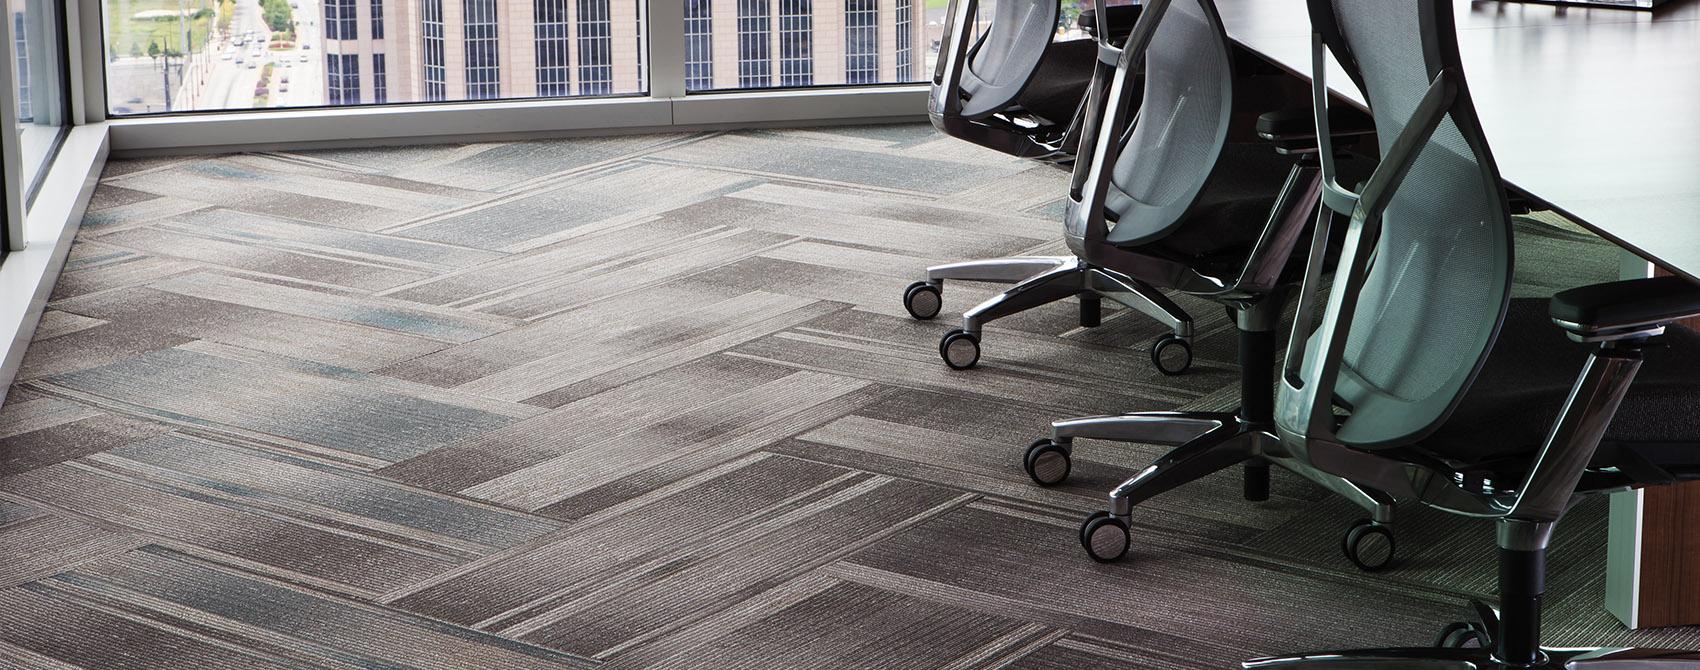 acs Flooring Group Inc